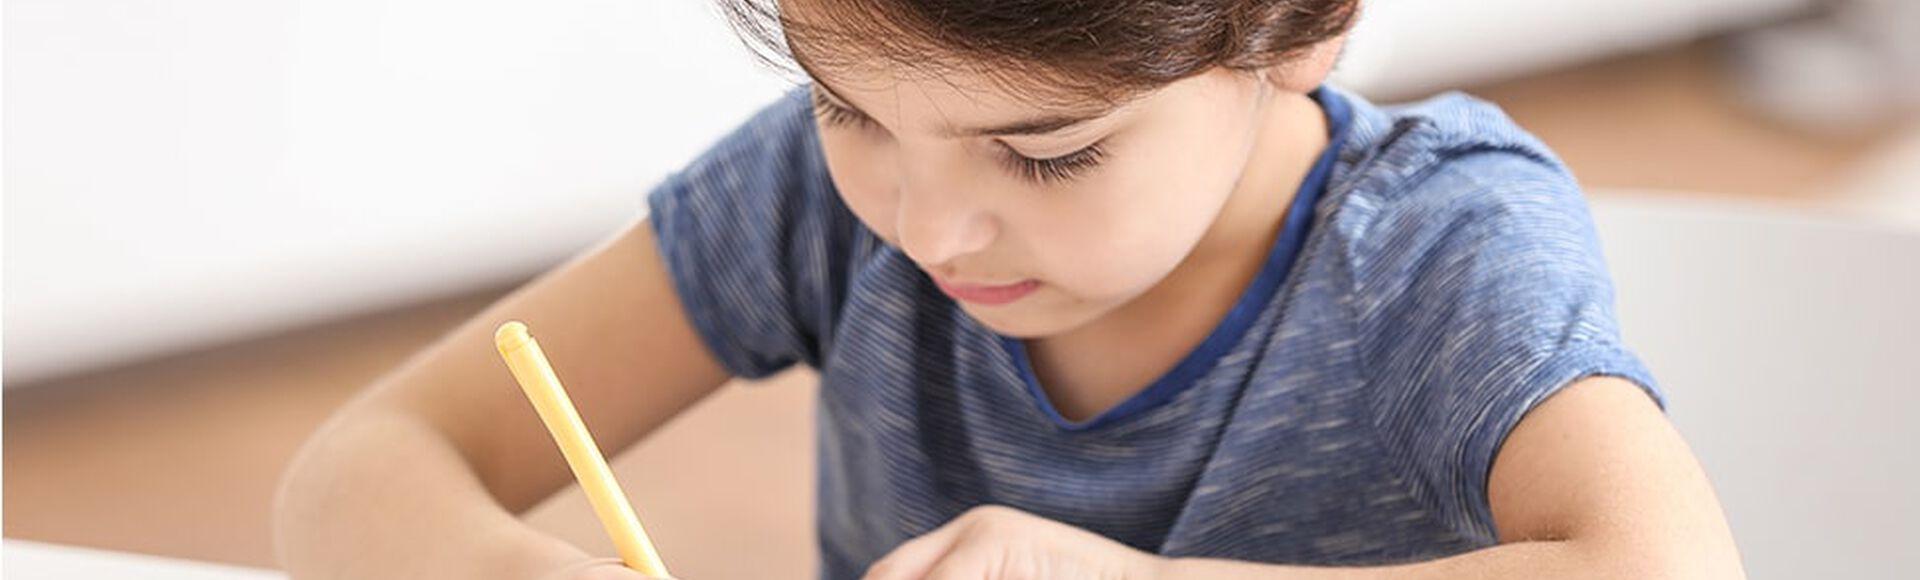 Niño haciendo su tarea